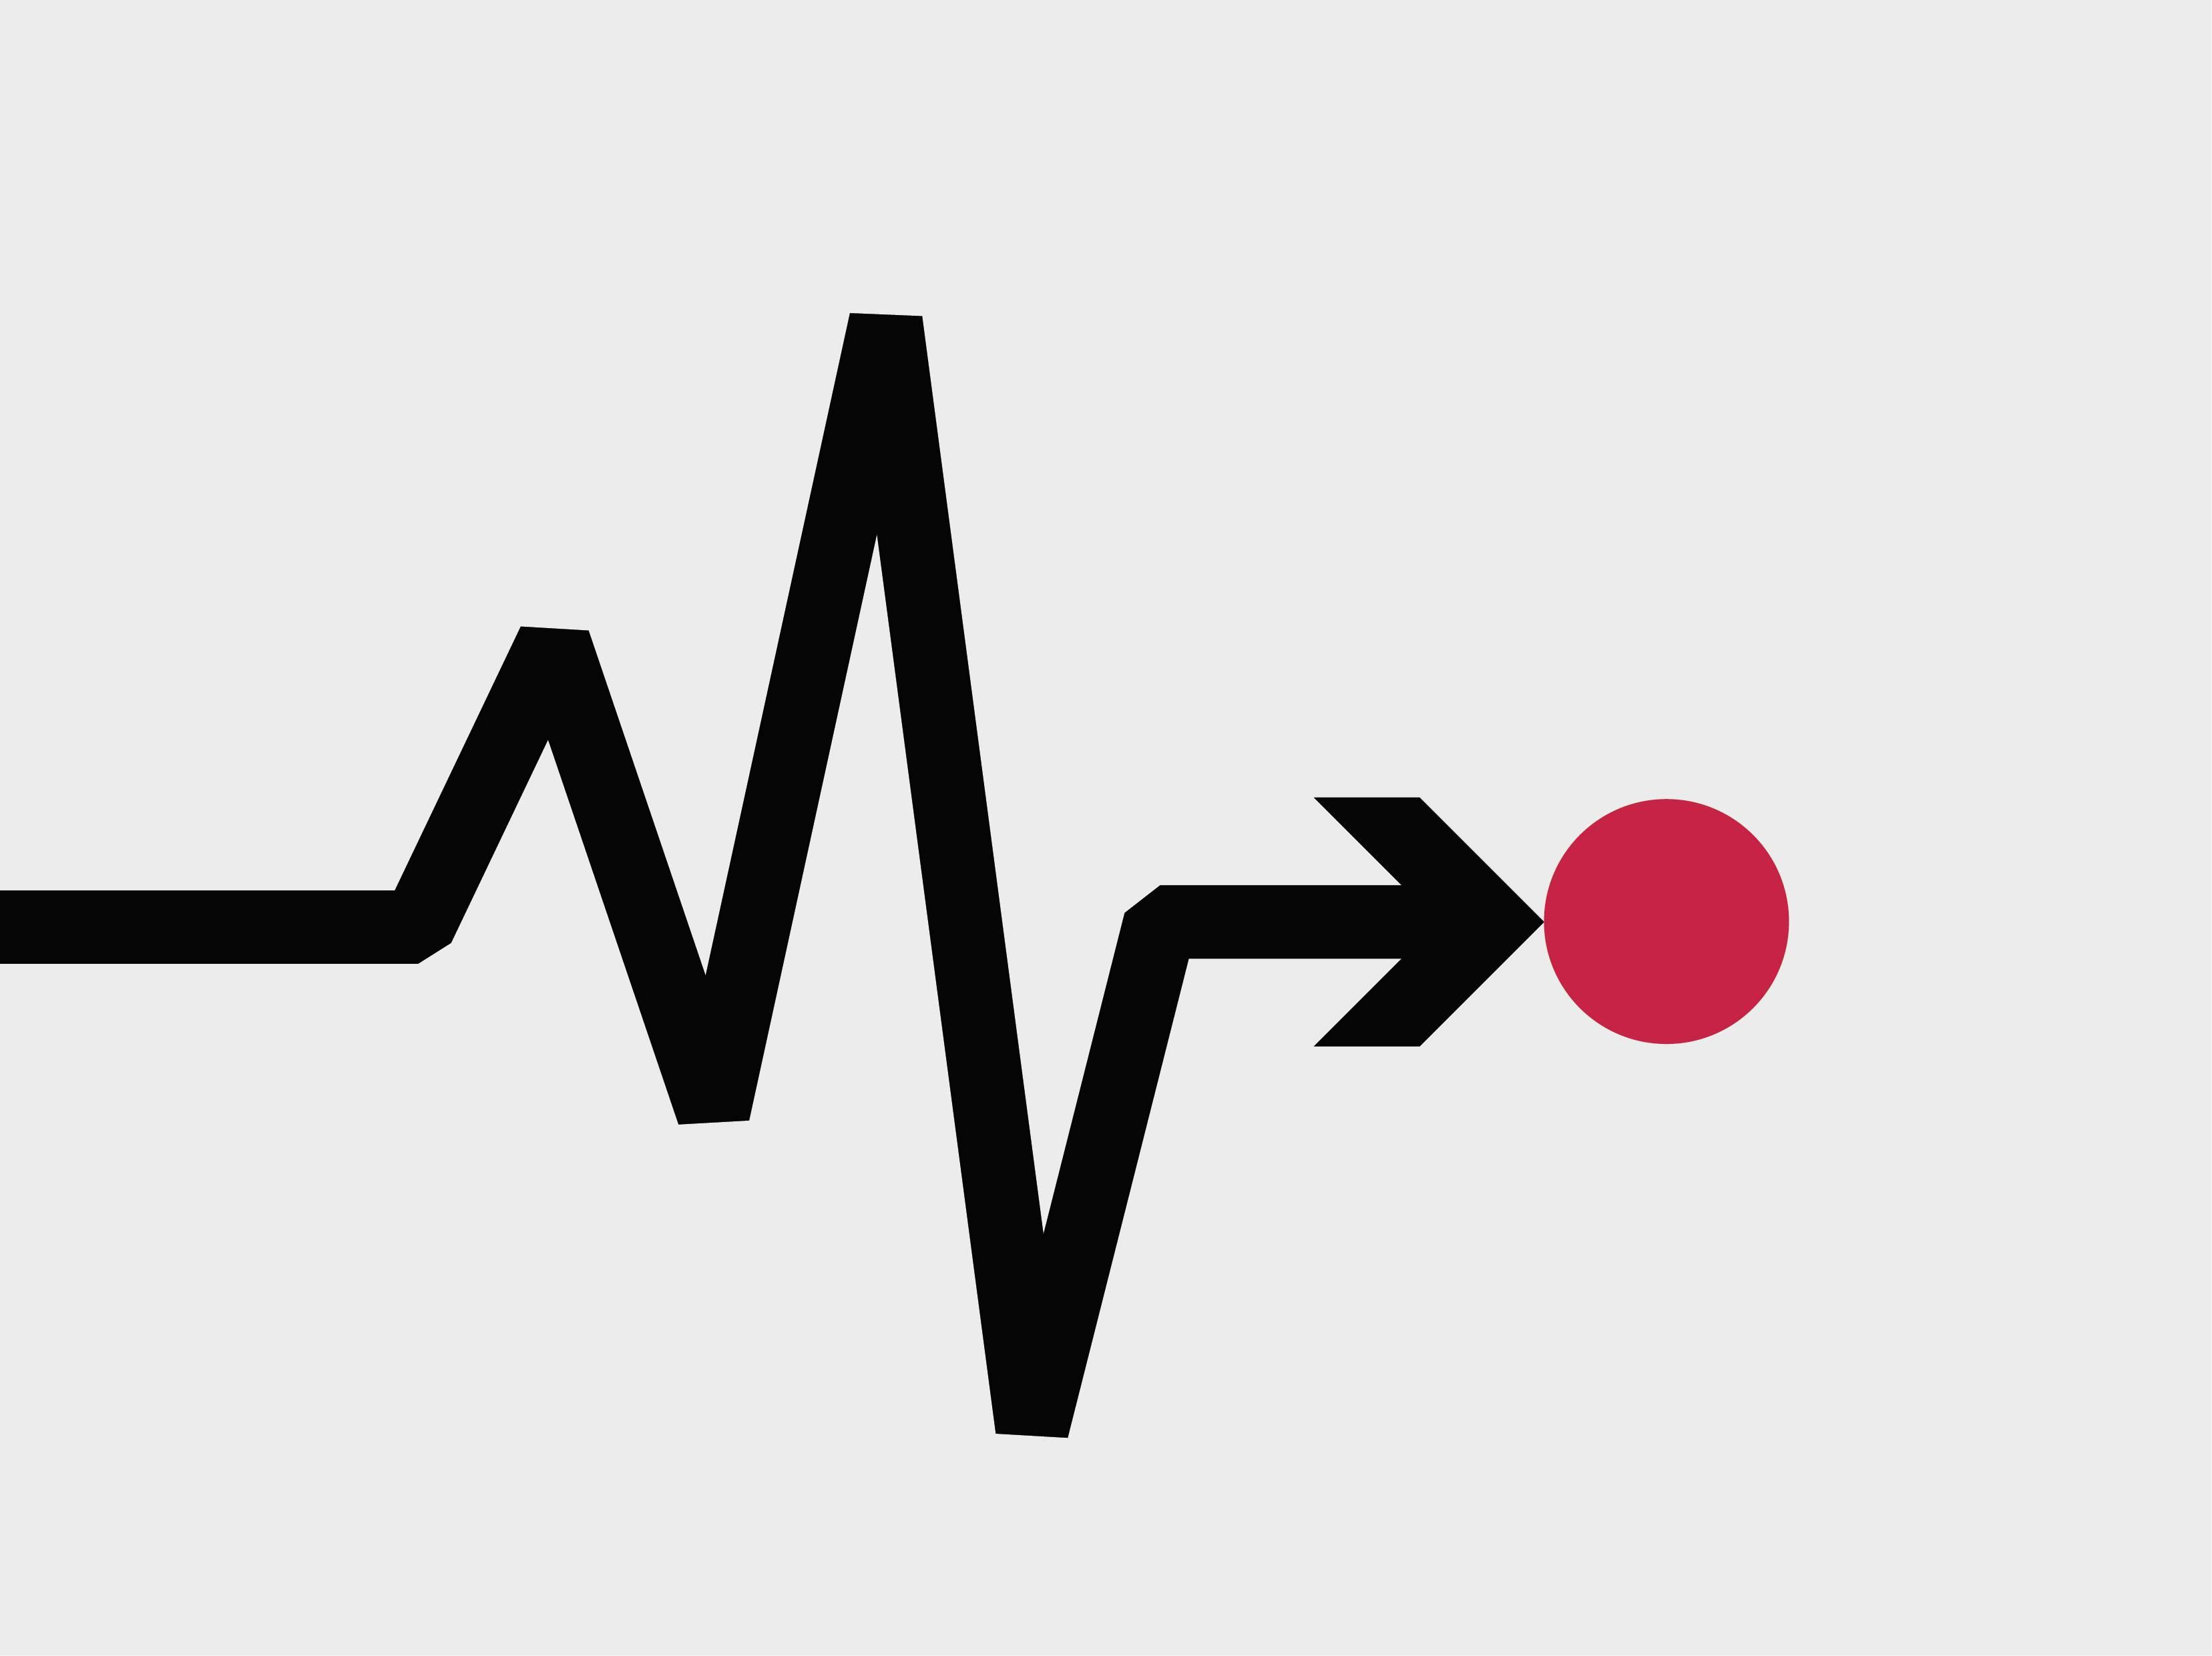 Валерия Репина для РБК: как создать «love brand» c помощью правильного названия